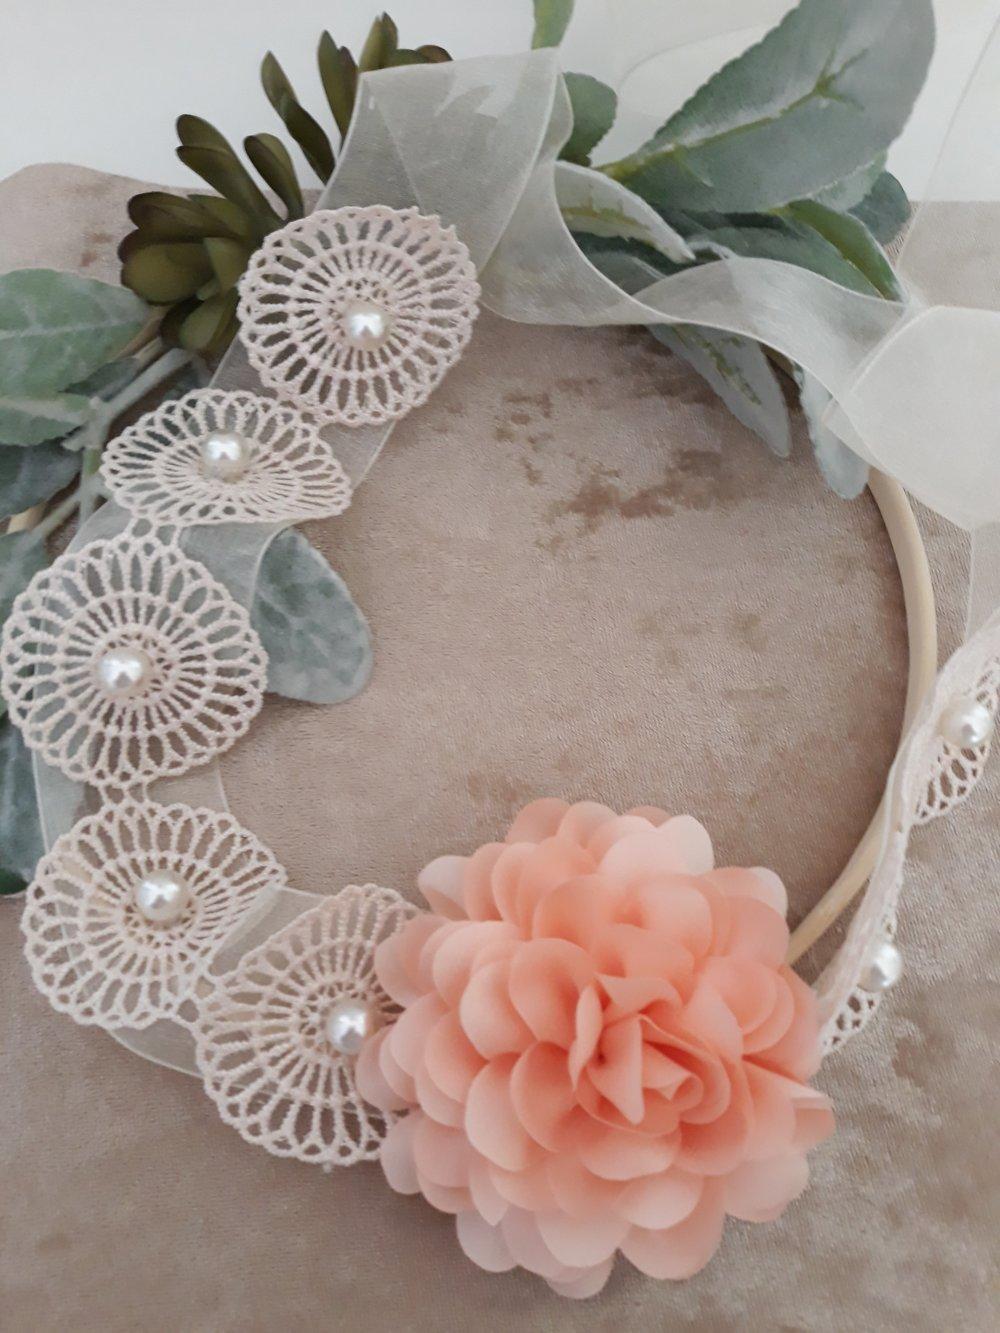 bandeau de mariage en dentelle orné de perles  et d'une fleur en tissu